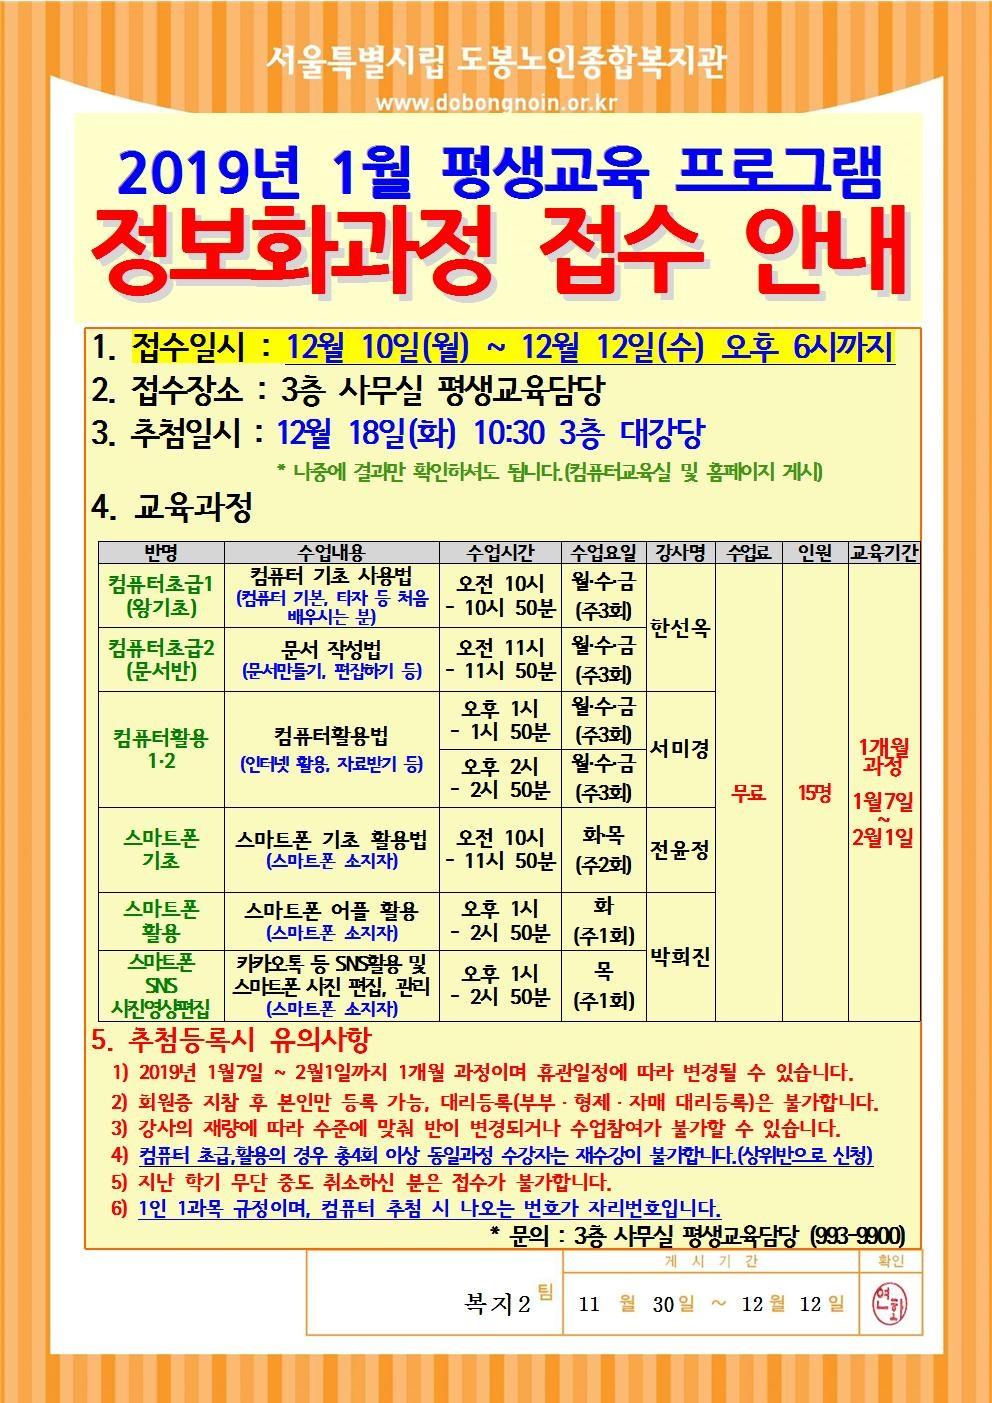 2019년 1월 정보화과정 수강신청 안내001.jpg